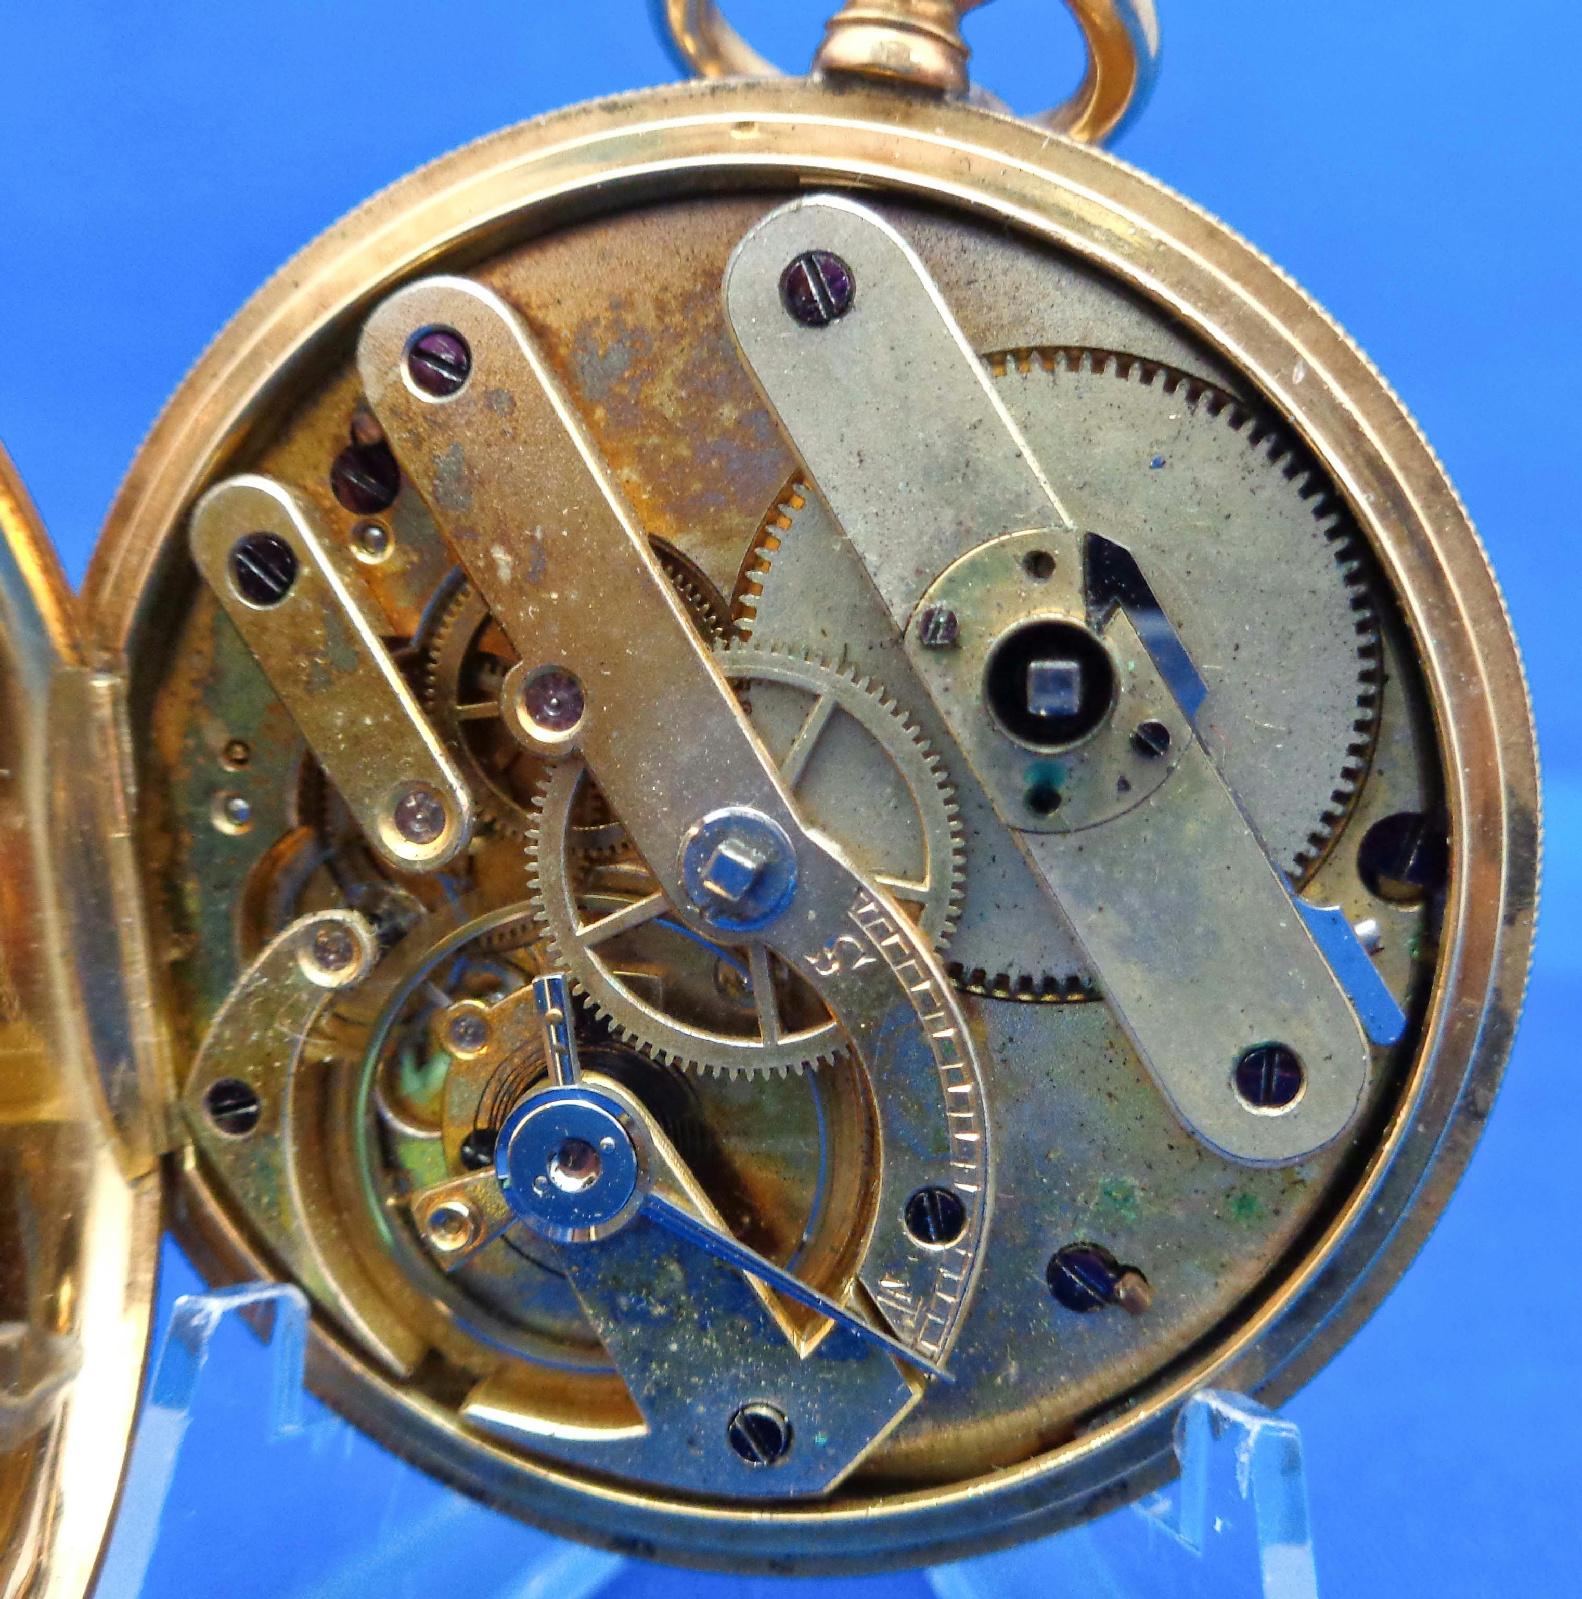 10 Size 18k Gold Henry Beguelin Key Wind Key Set Pocket